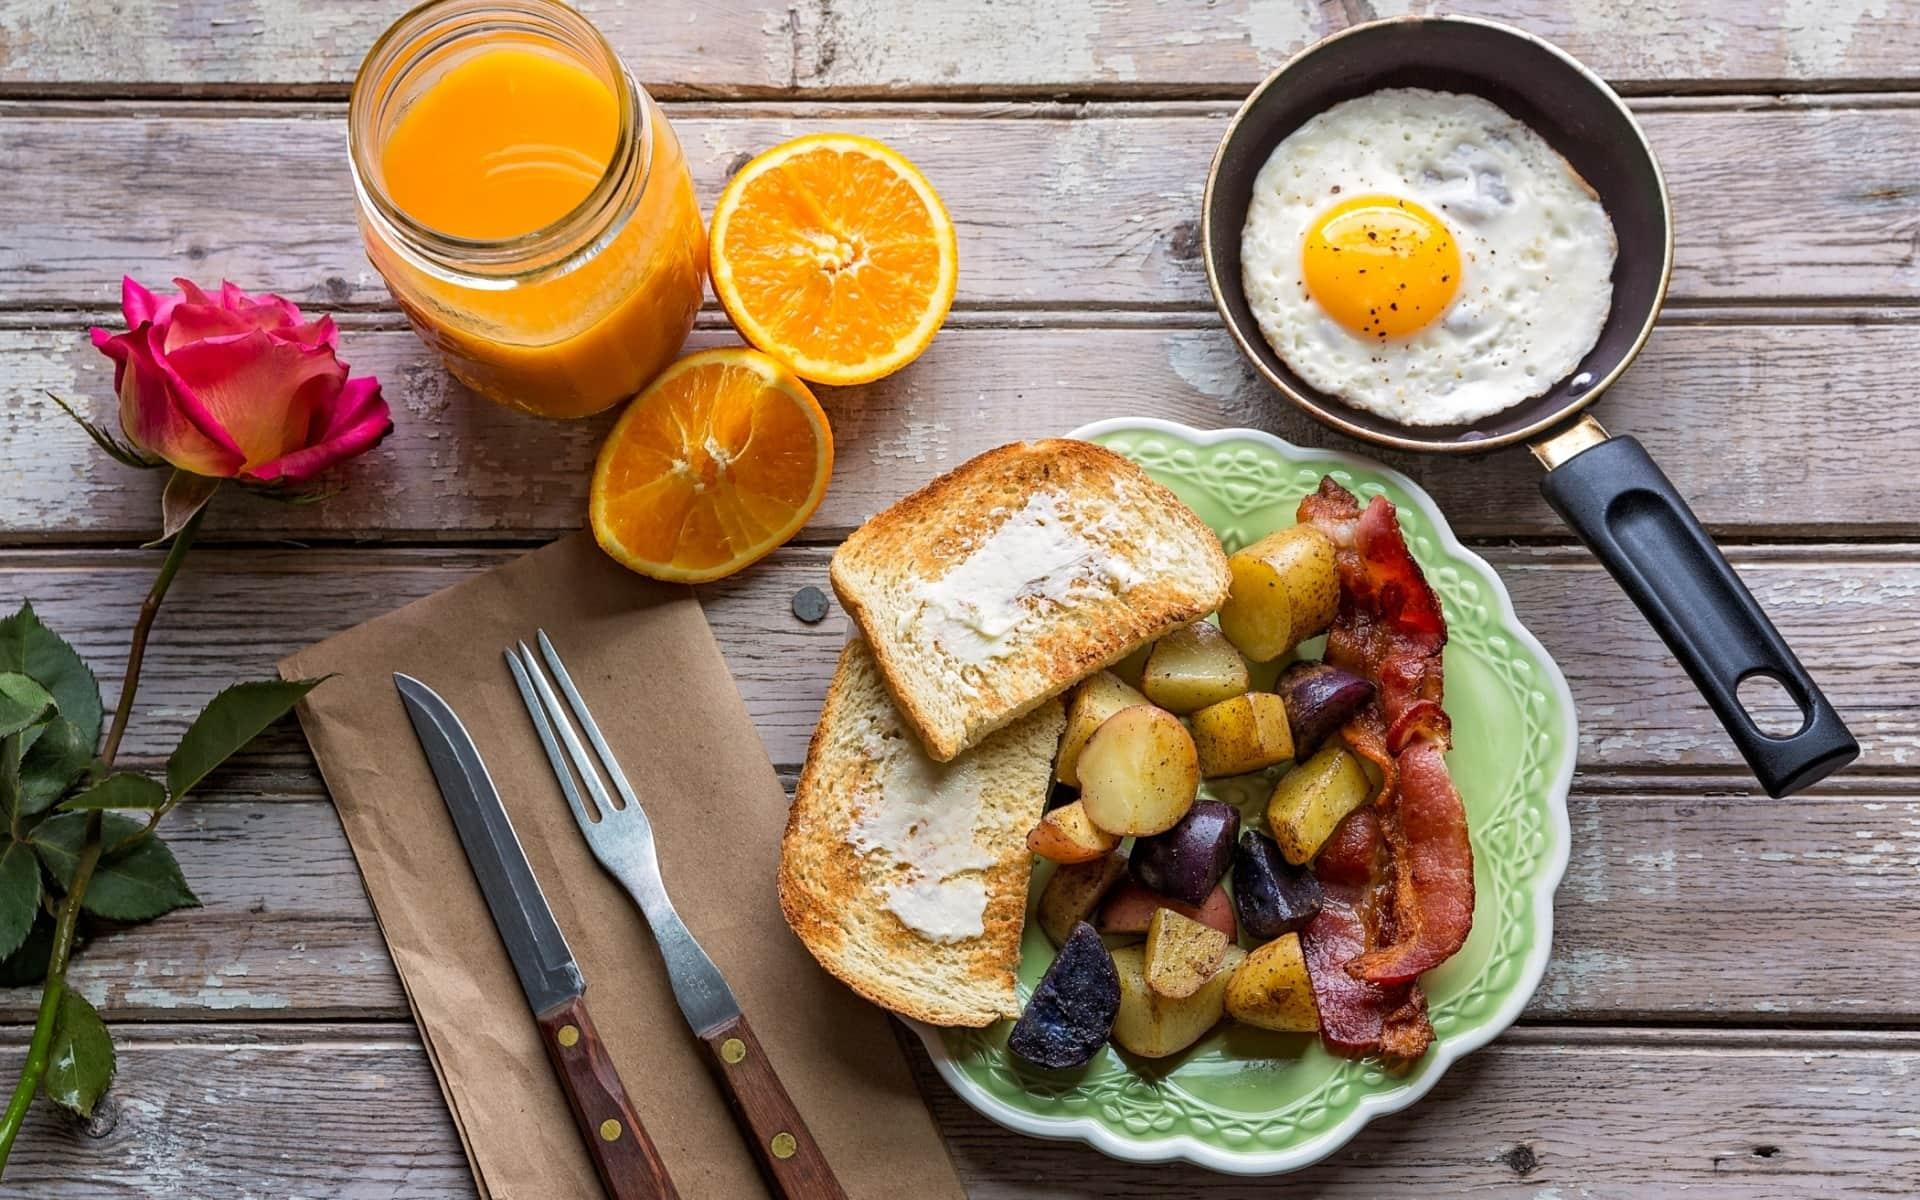 Метаанализ оспорил пользу завтрака для потери веса